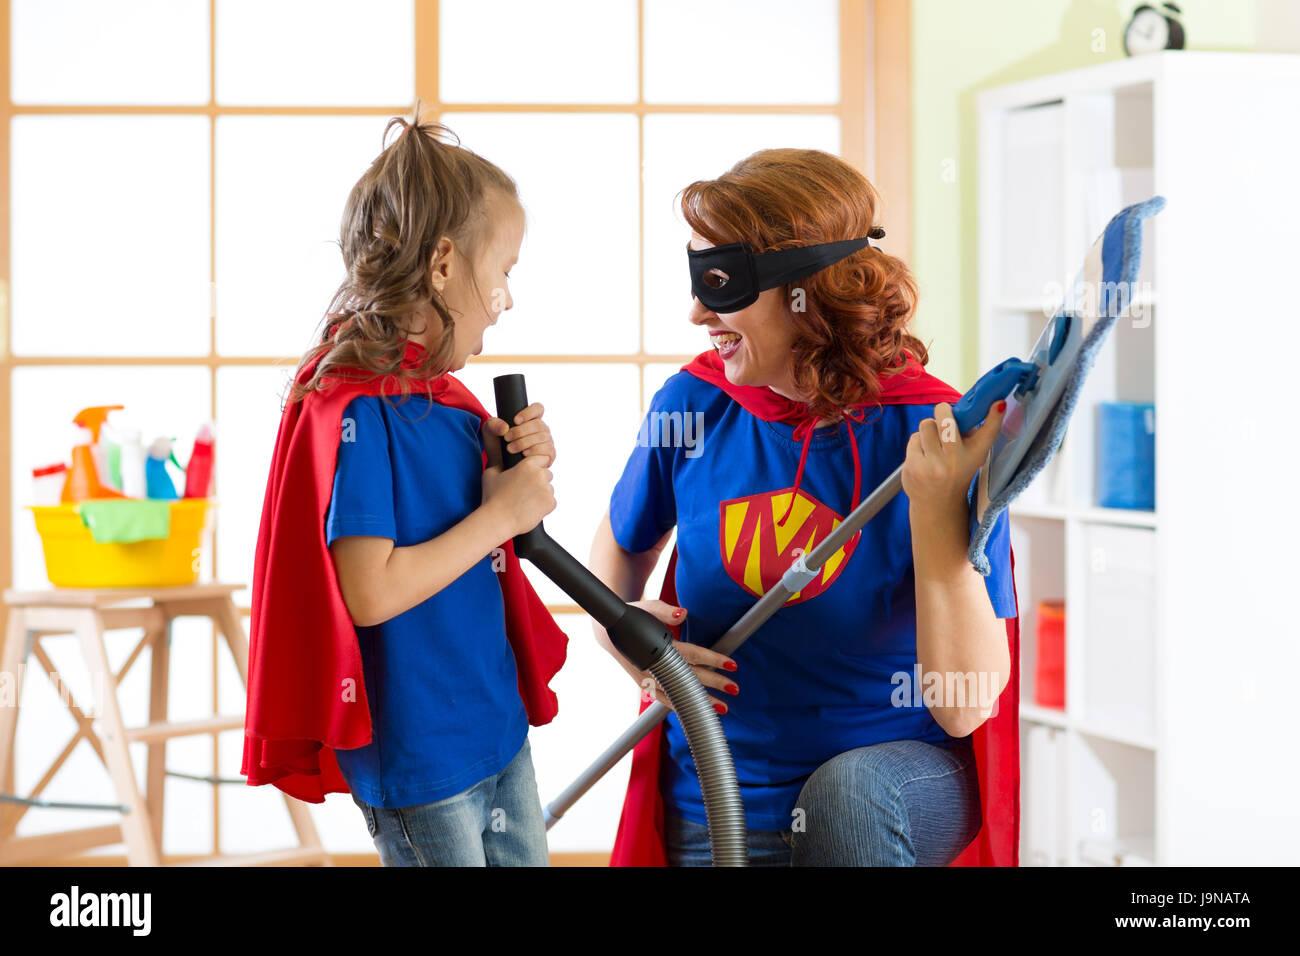 Mulher feliz com pezinhos de limpeza de quarto e têm uma divertida. A mãe e a criança rapariga Brincar Imagens de Stock